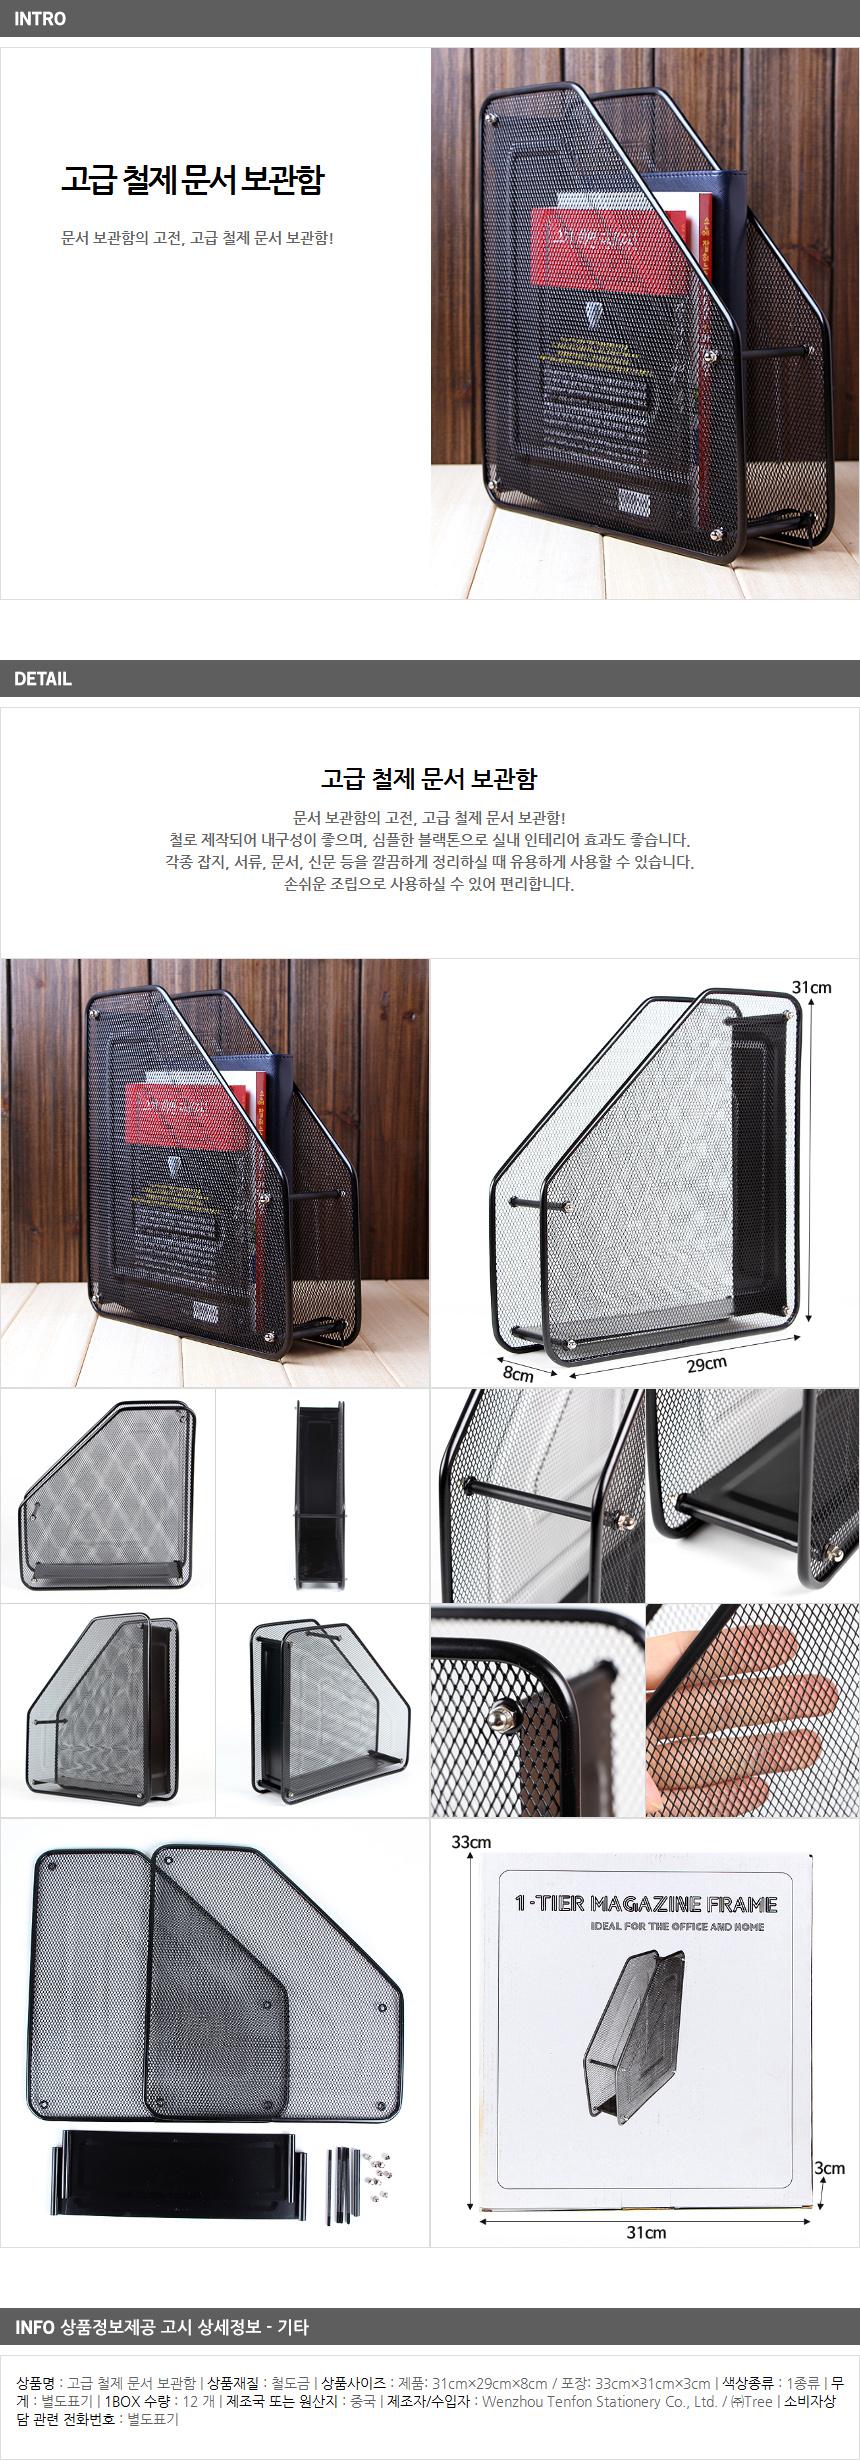 고급 철제 책꽂이/화일박스 서류꽂이 문서보관함 - 기프트갓, 9,090원, 데스크정리, 서류/파일홀더